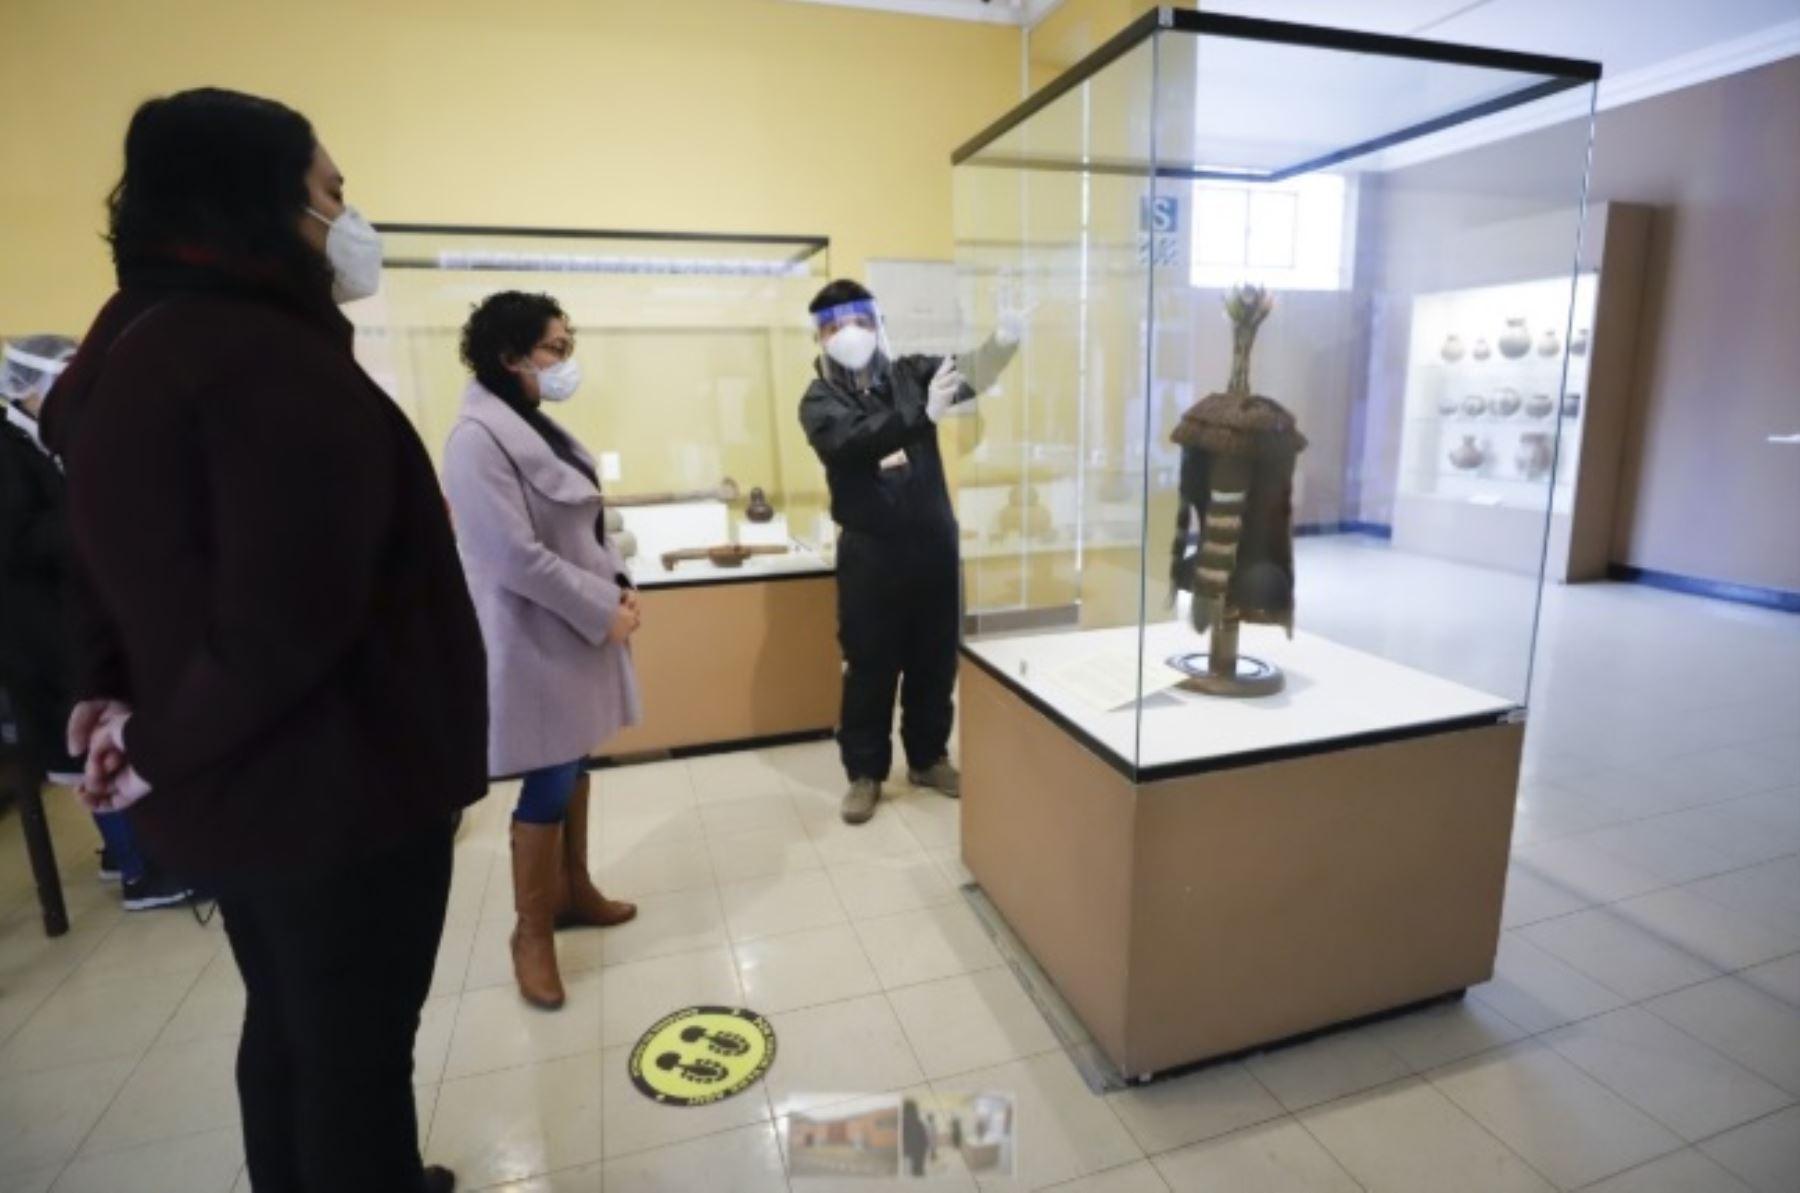 El Ministerio de Cultura aprobó el Protocolo Sanitario Sectorial ante el covid-19 para el inicio gradual e incremental de las actividades y gestión en los museos y otras instituciones museales, públicas y privadas, a escala nacional.